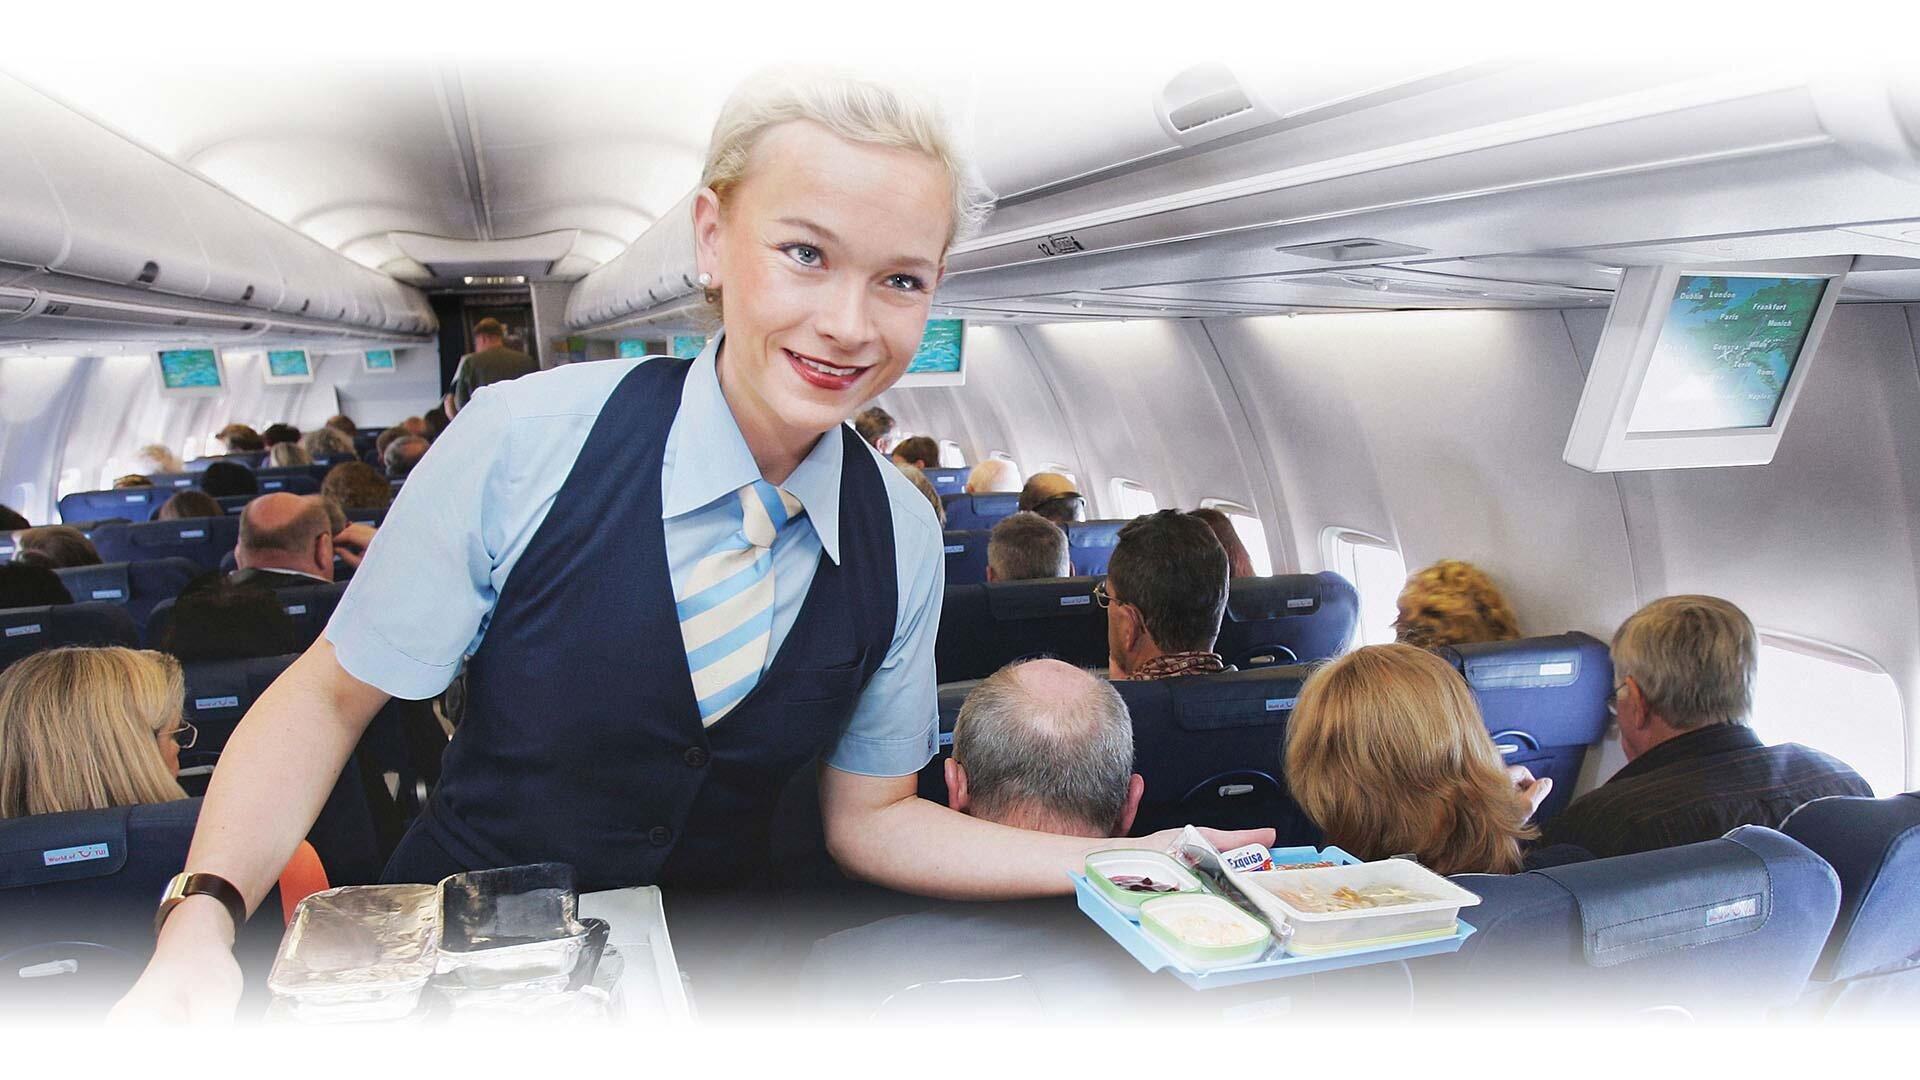 Essensausgabe Flugzeug